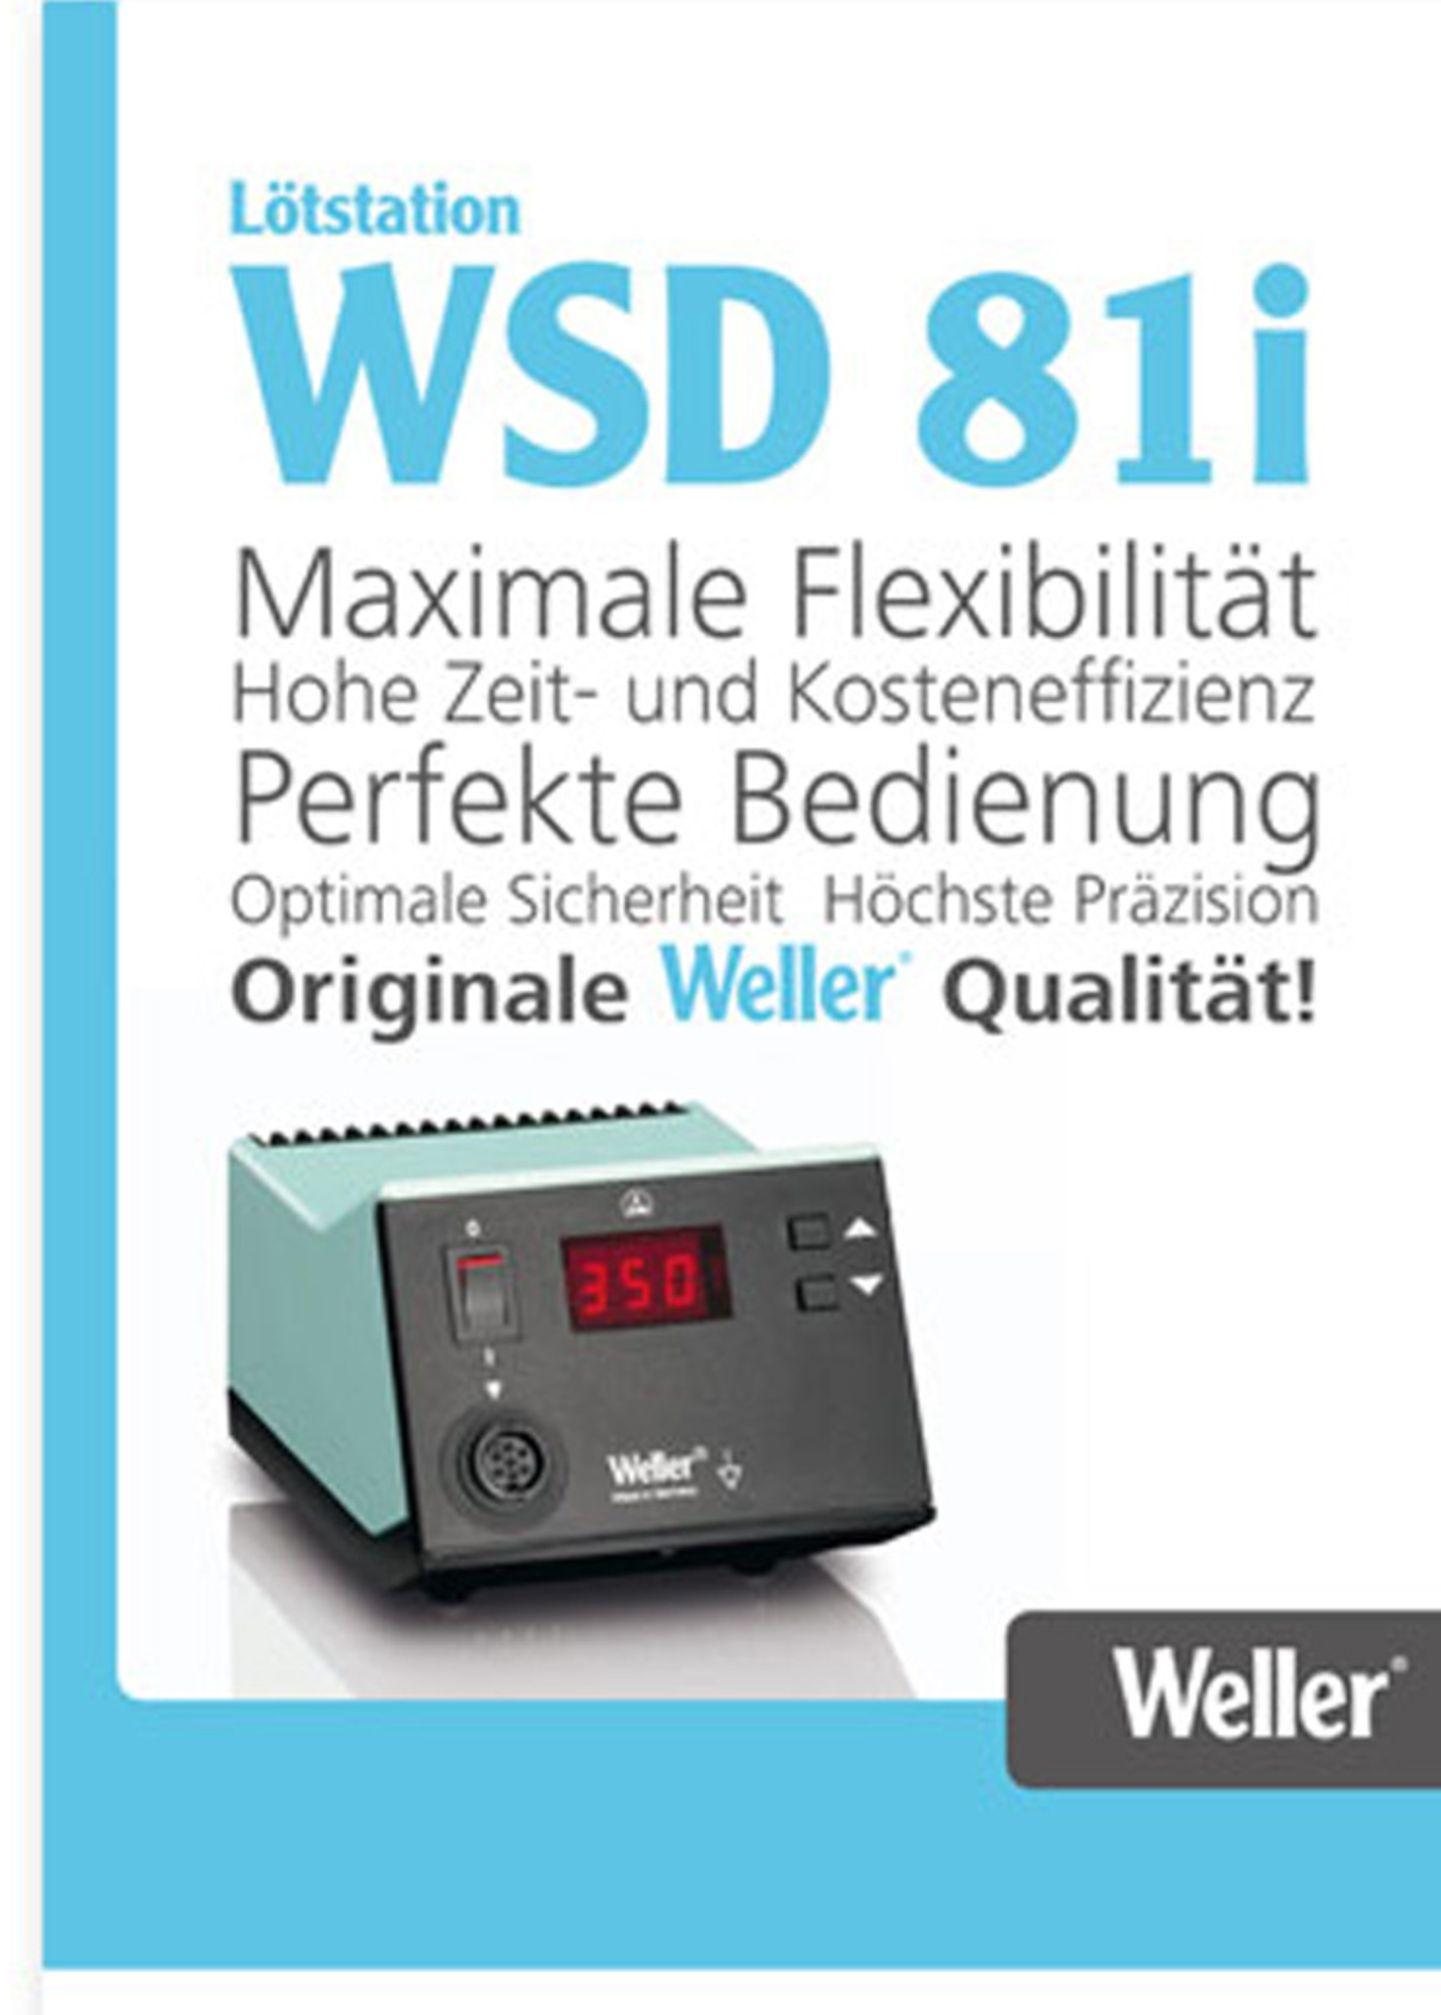 Weller WSD-81i